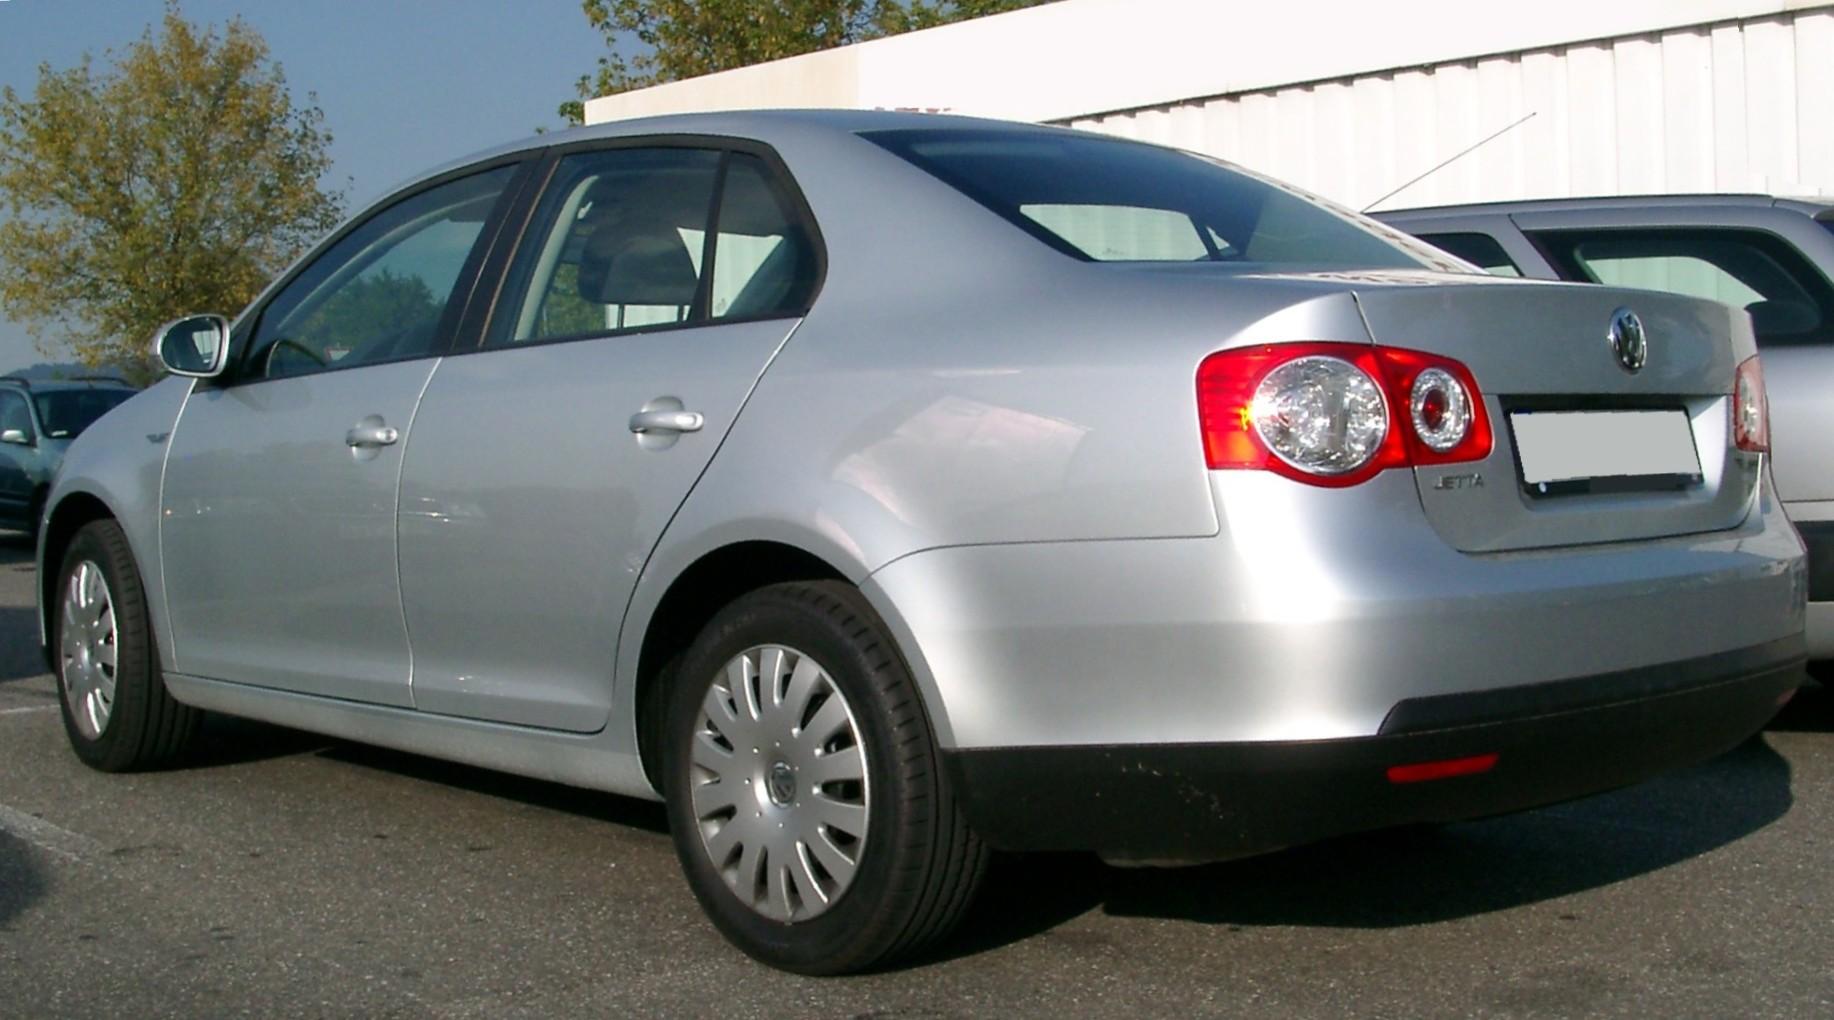 Description Volkswagen Jetta V rear 20070806.jpg